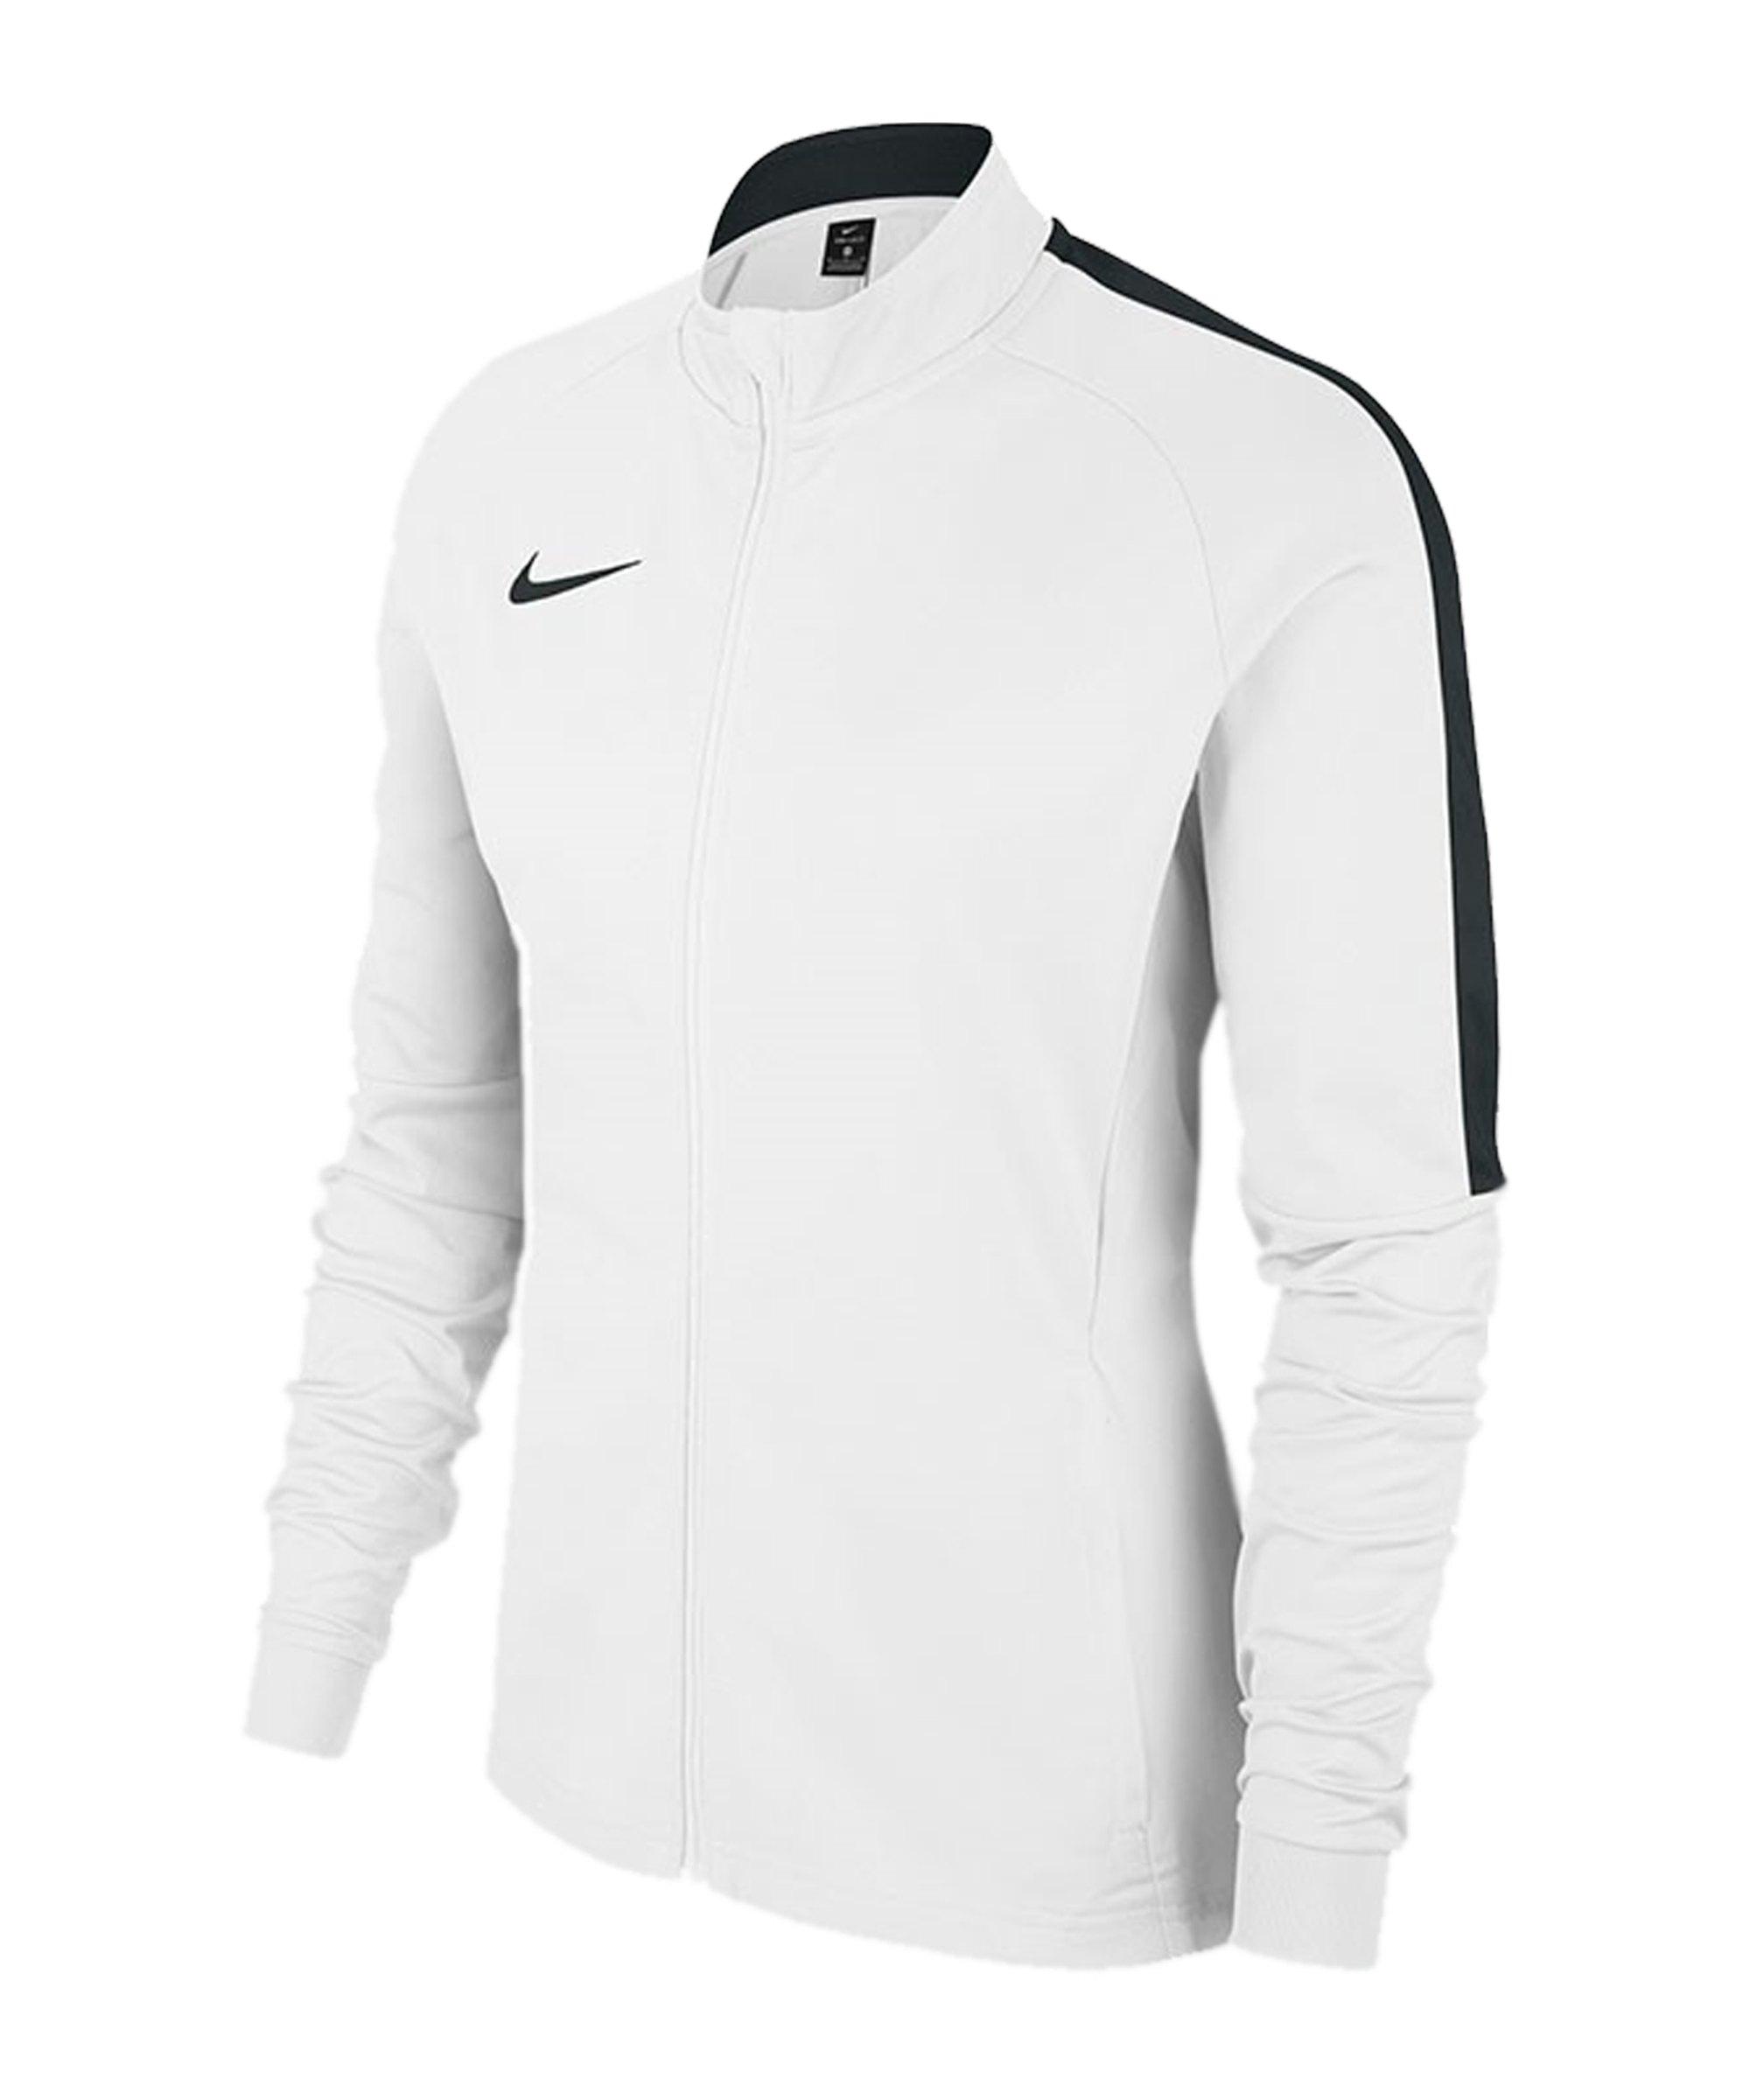 Nike fußball jacke | Etsy